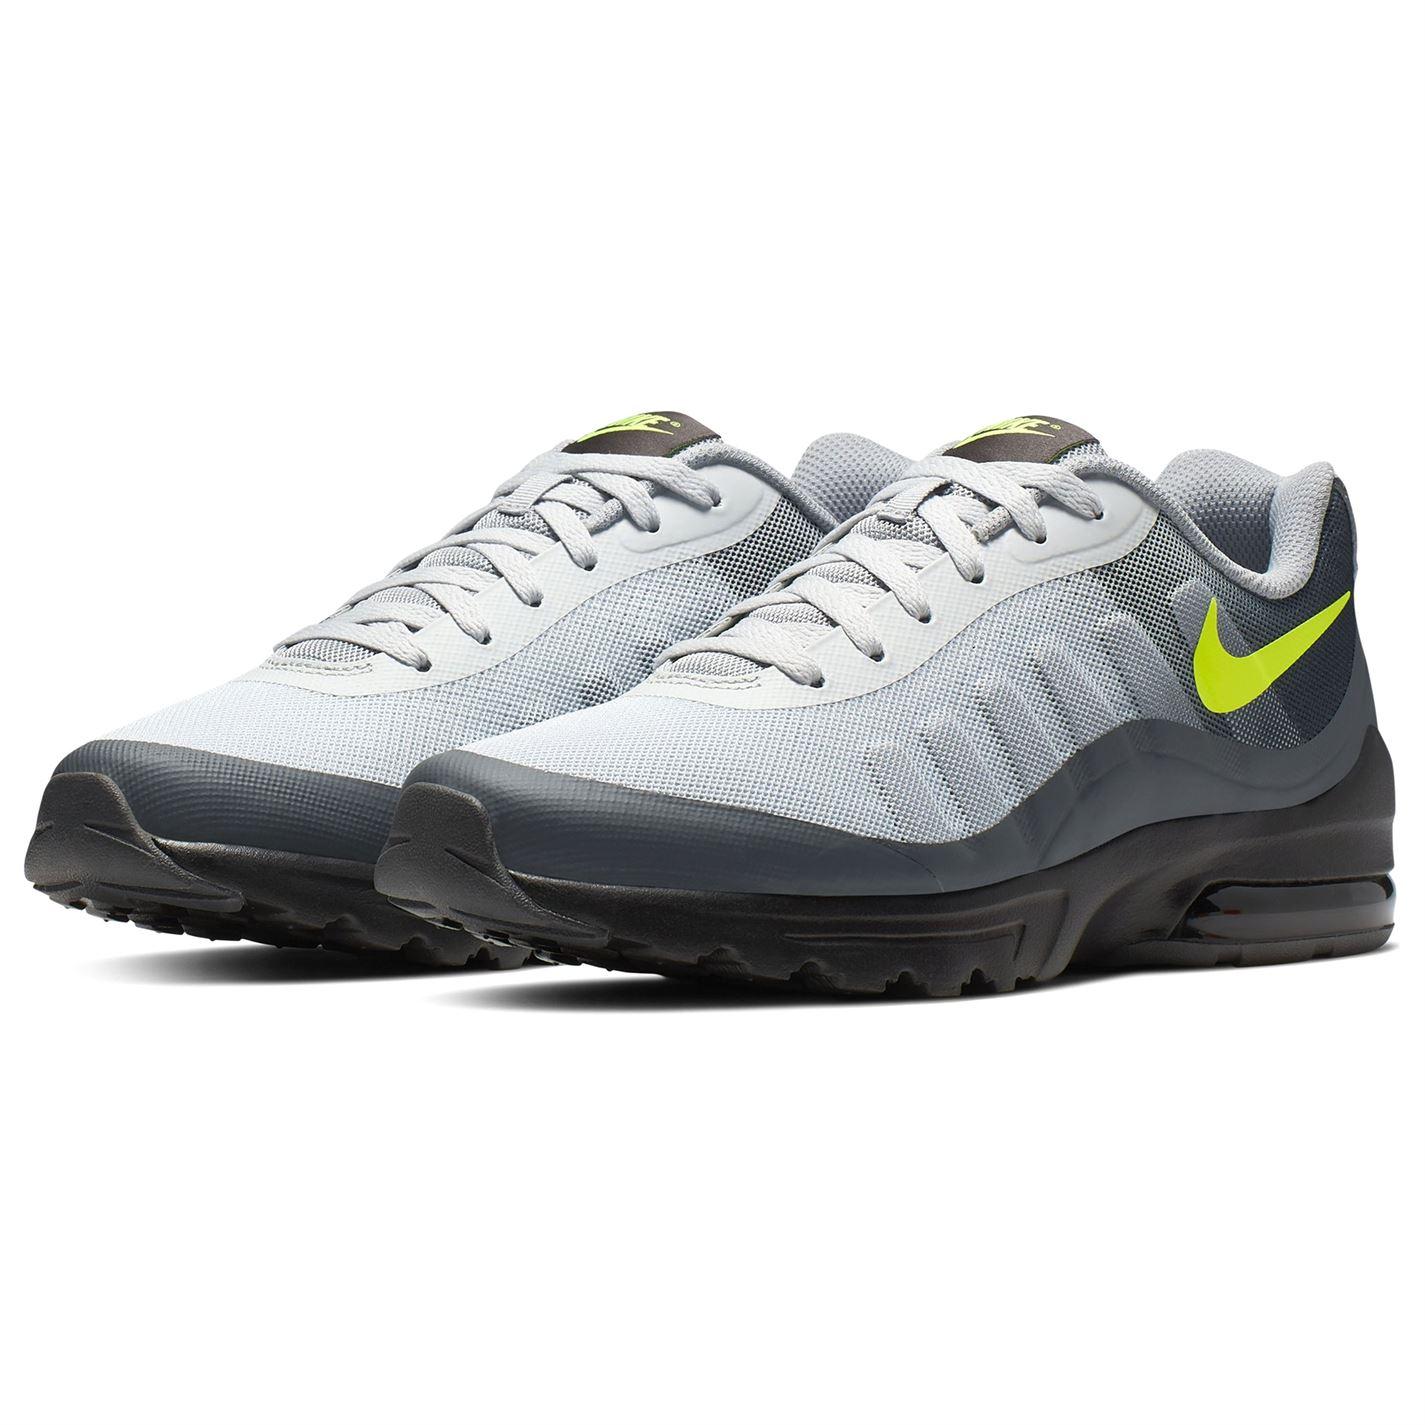 Nike Air Max Invigor Print pánske tenisky